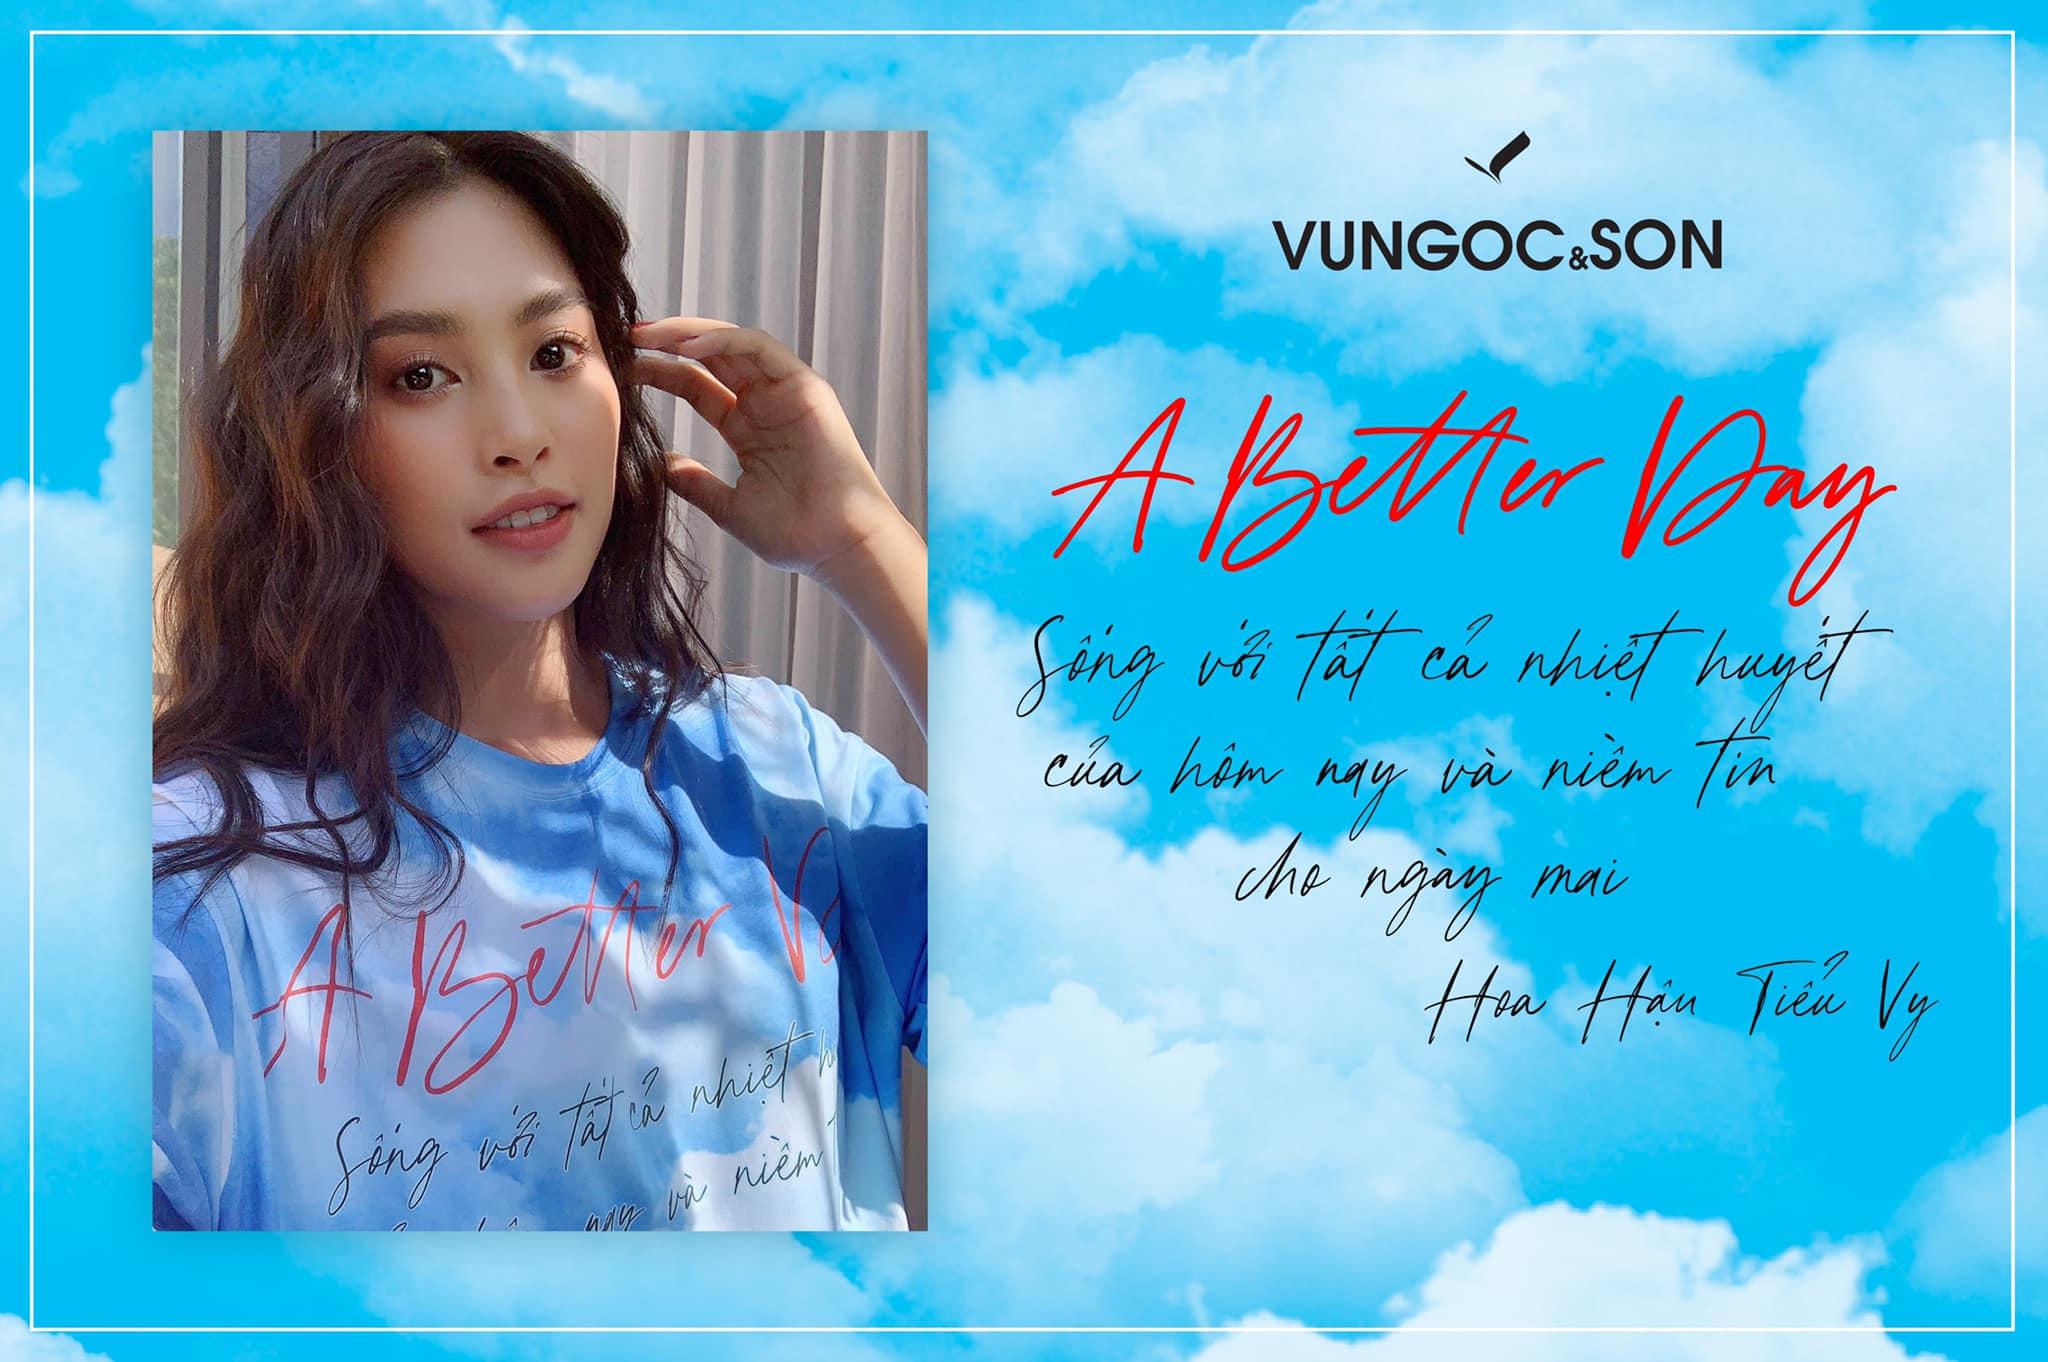 Hoa hậu Trần Tiểu Vy tham gia chiến dịch A Better Day VUNGOC&SON